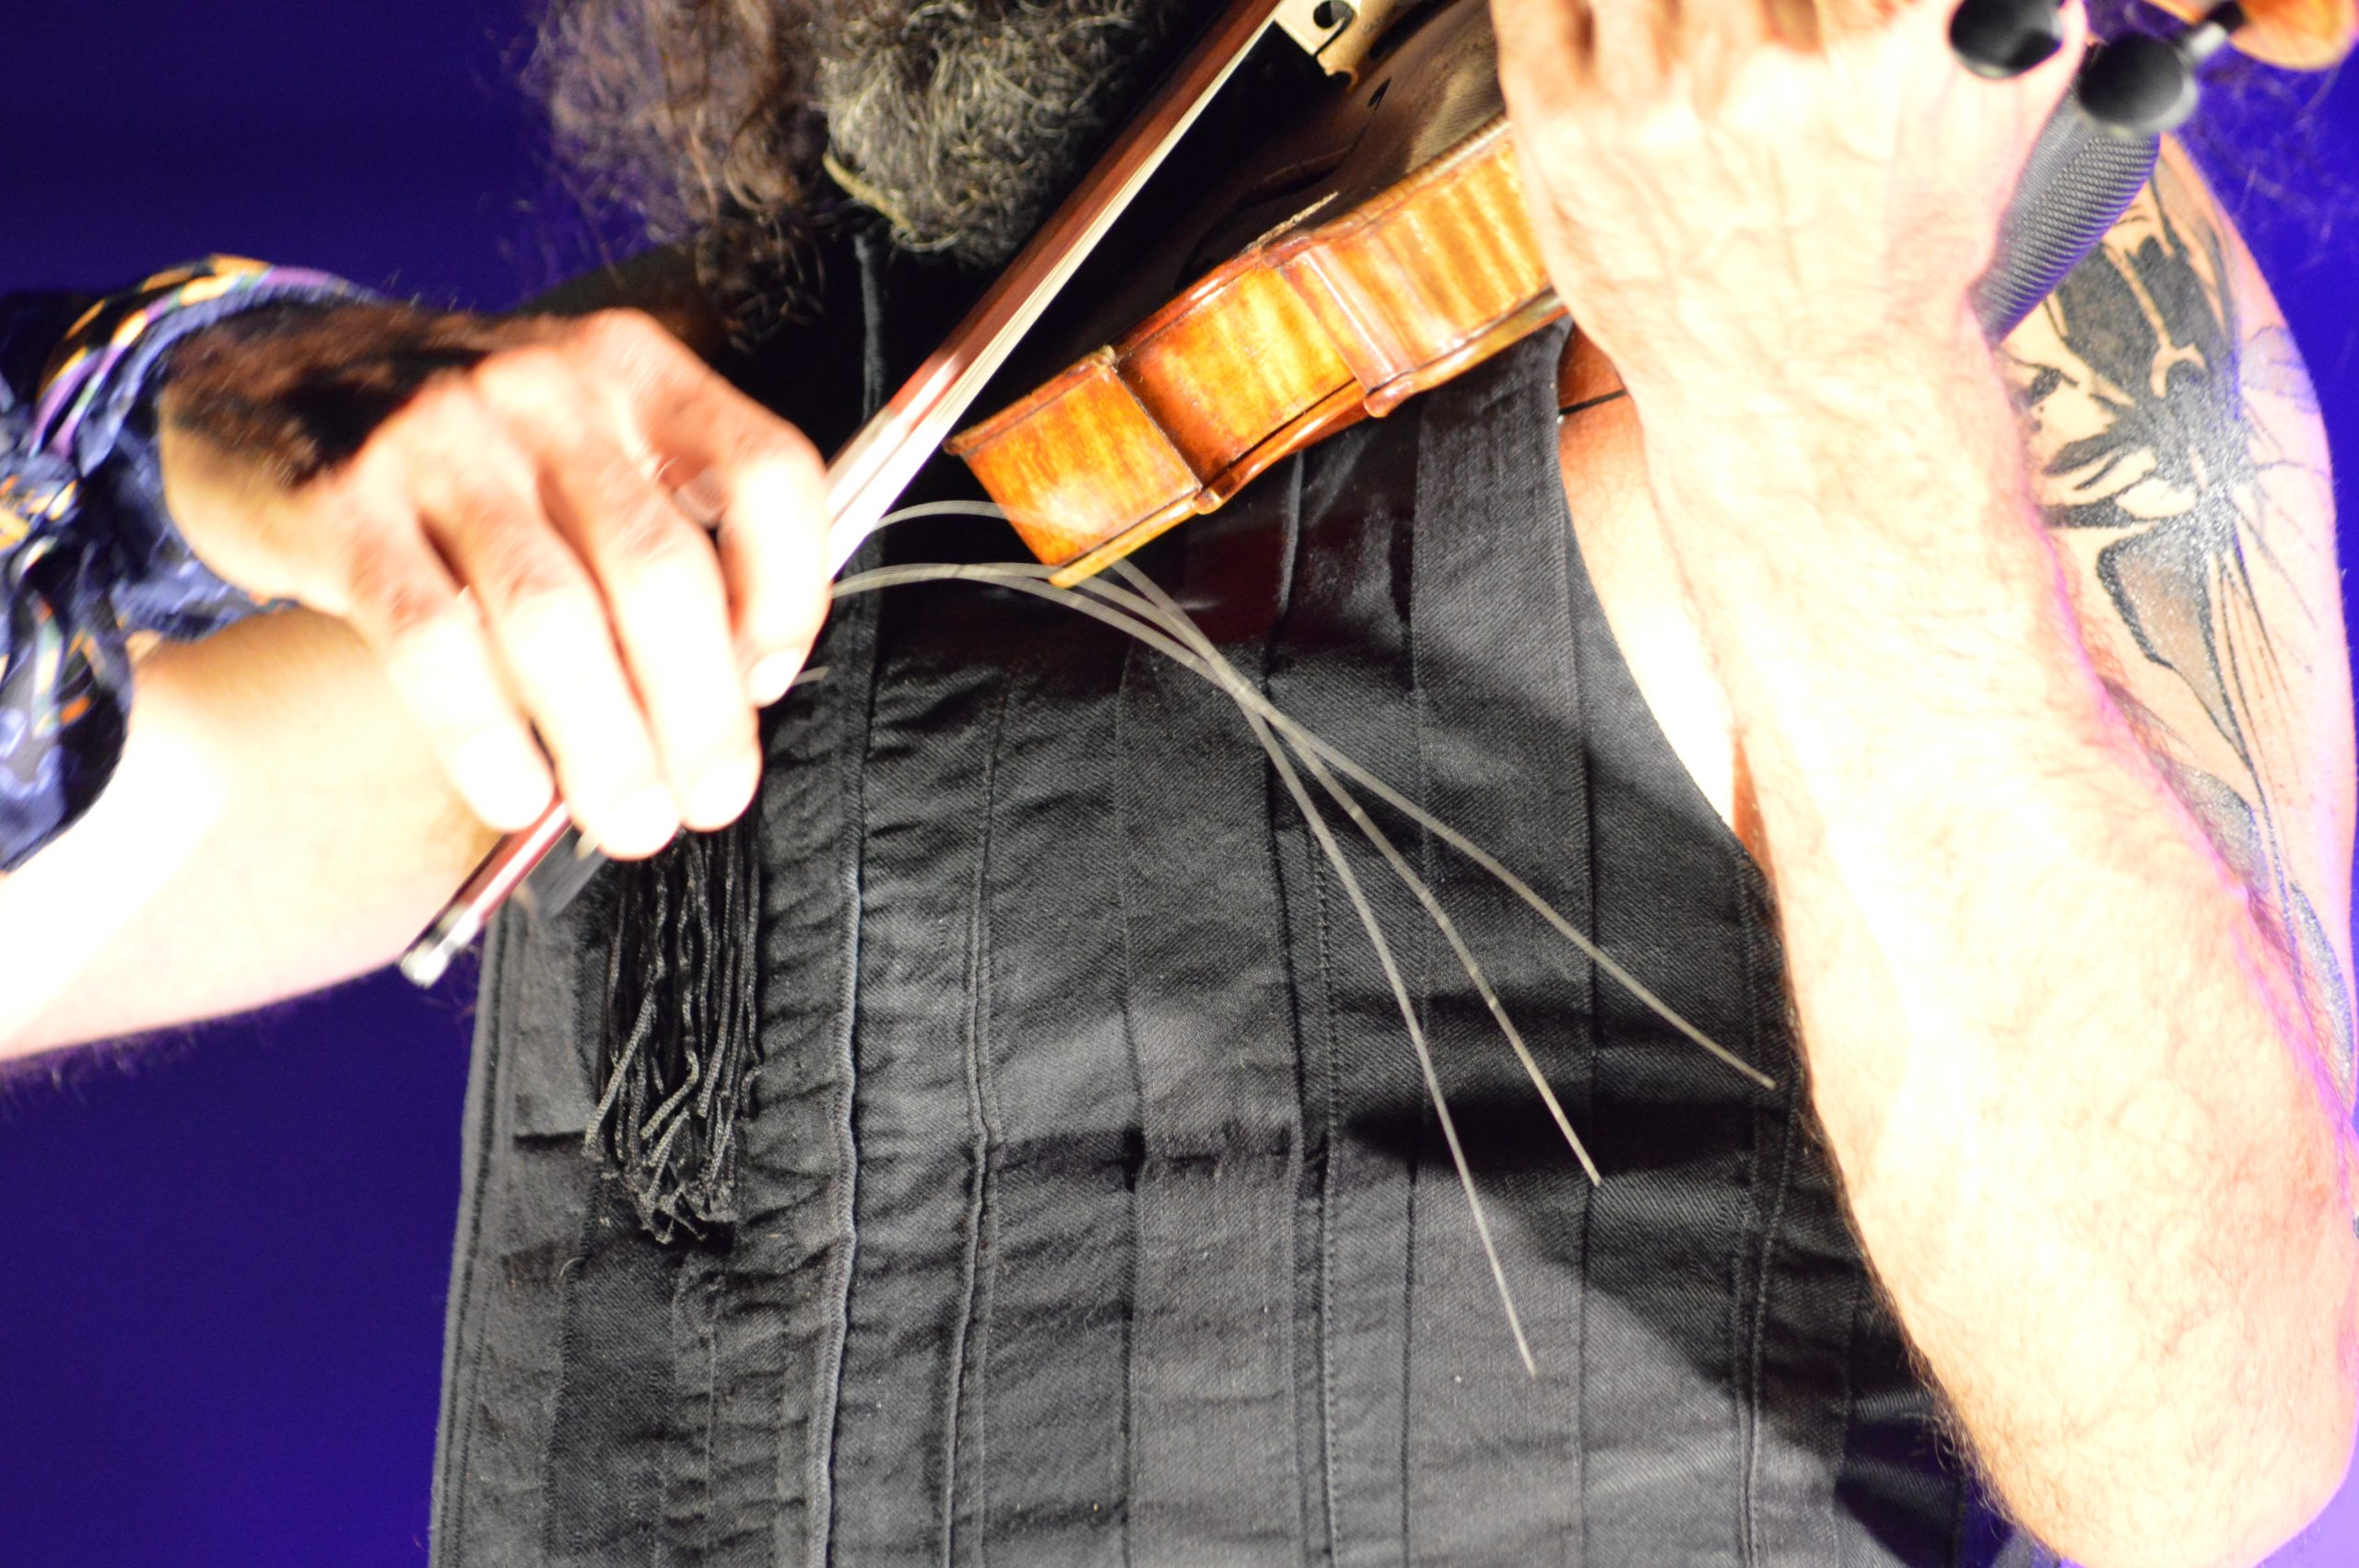 Ara Malikian emociona en su regreso a Ponferrada demostrando una vez más su virtuosismo con el violín 25